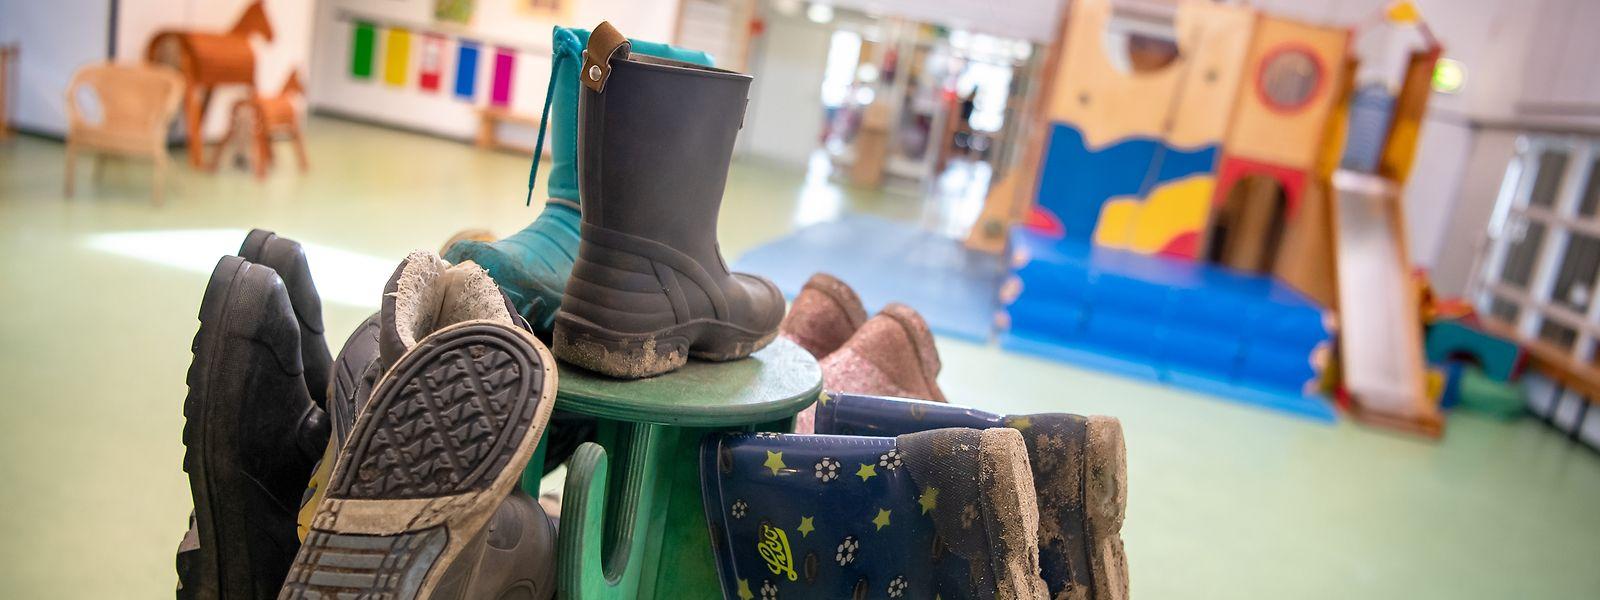 Die Infektionslage bei den Null- bis 19-Jährigen zwingt die Regierung zum Handeln. Ab Montag werden Grundschulen, Kompetenzzentren und Betreuungseinrichtungen für zwei Wochen geschlossen.